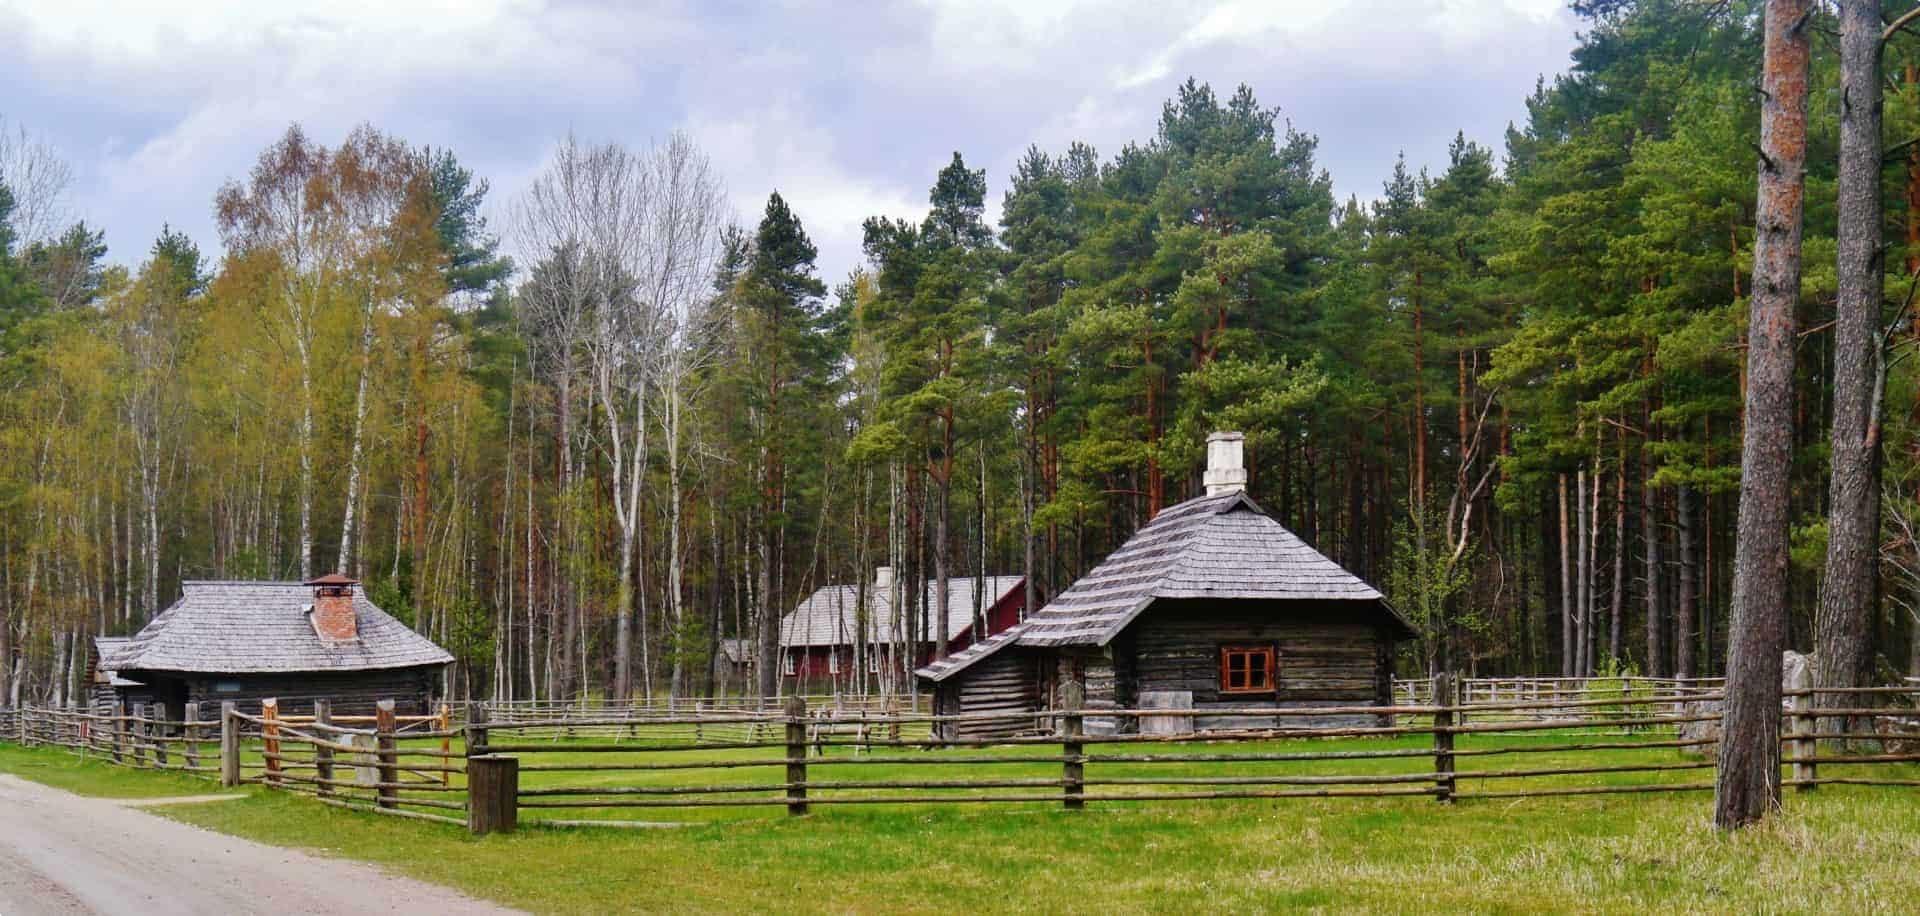 Estonian culture tours